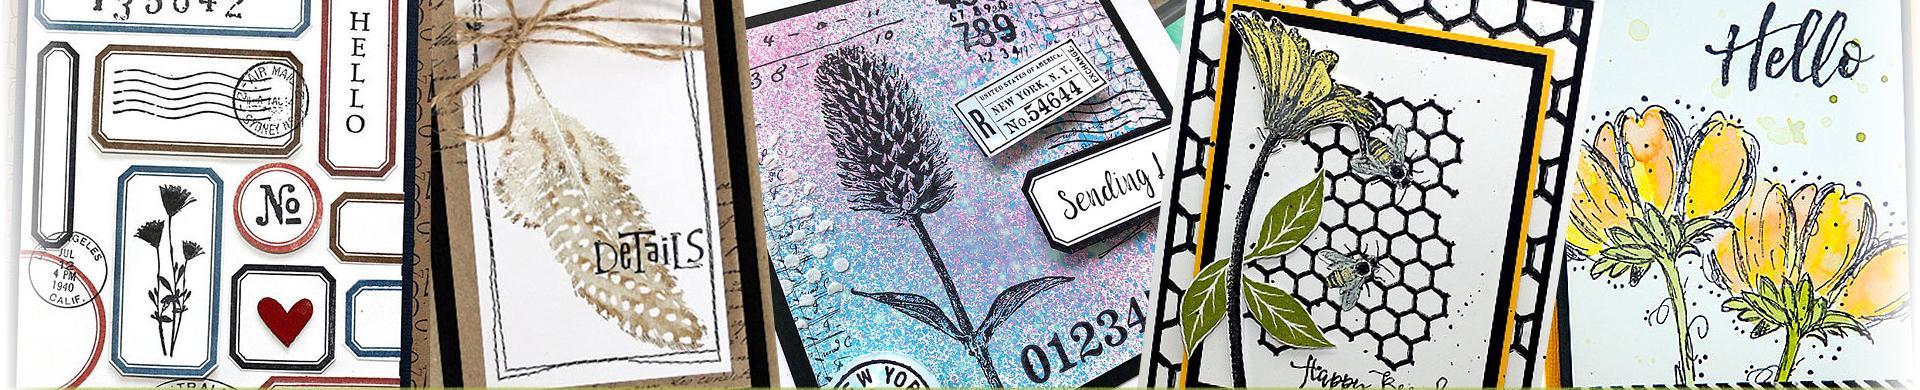 Darkroom Door Rubber Stamps - Sets